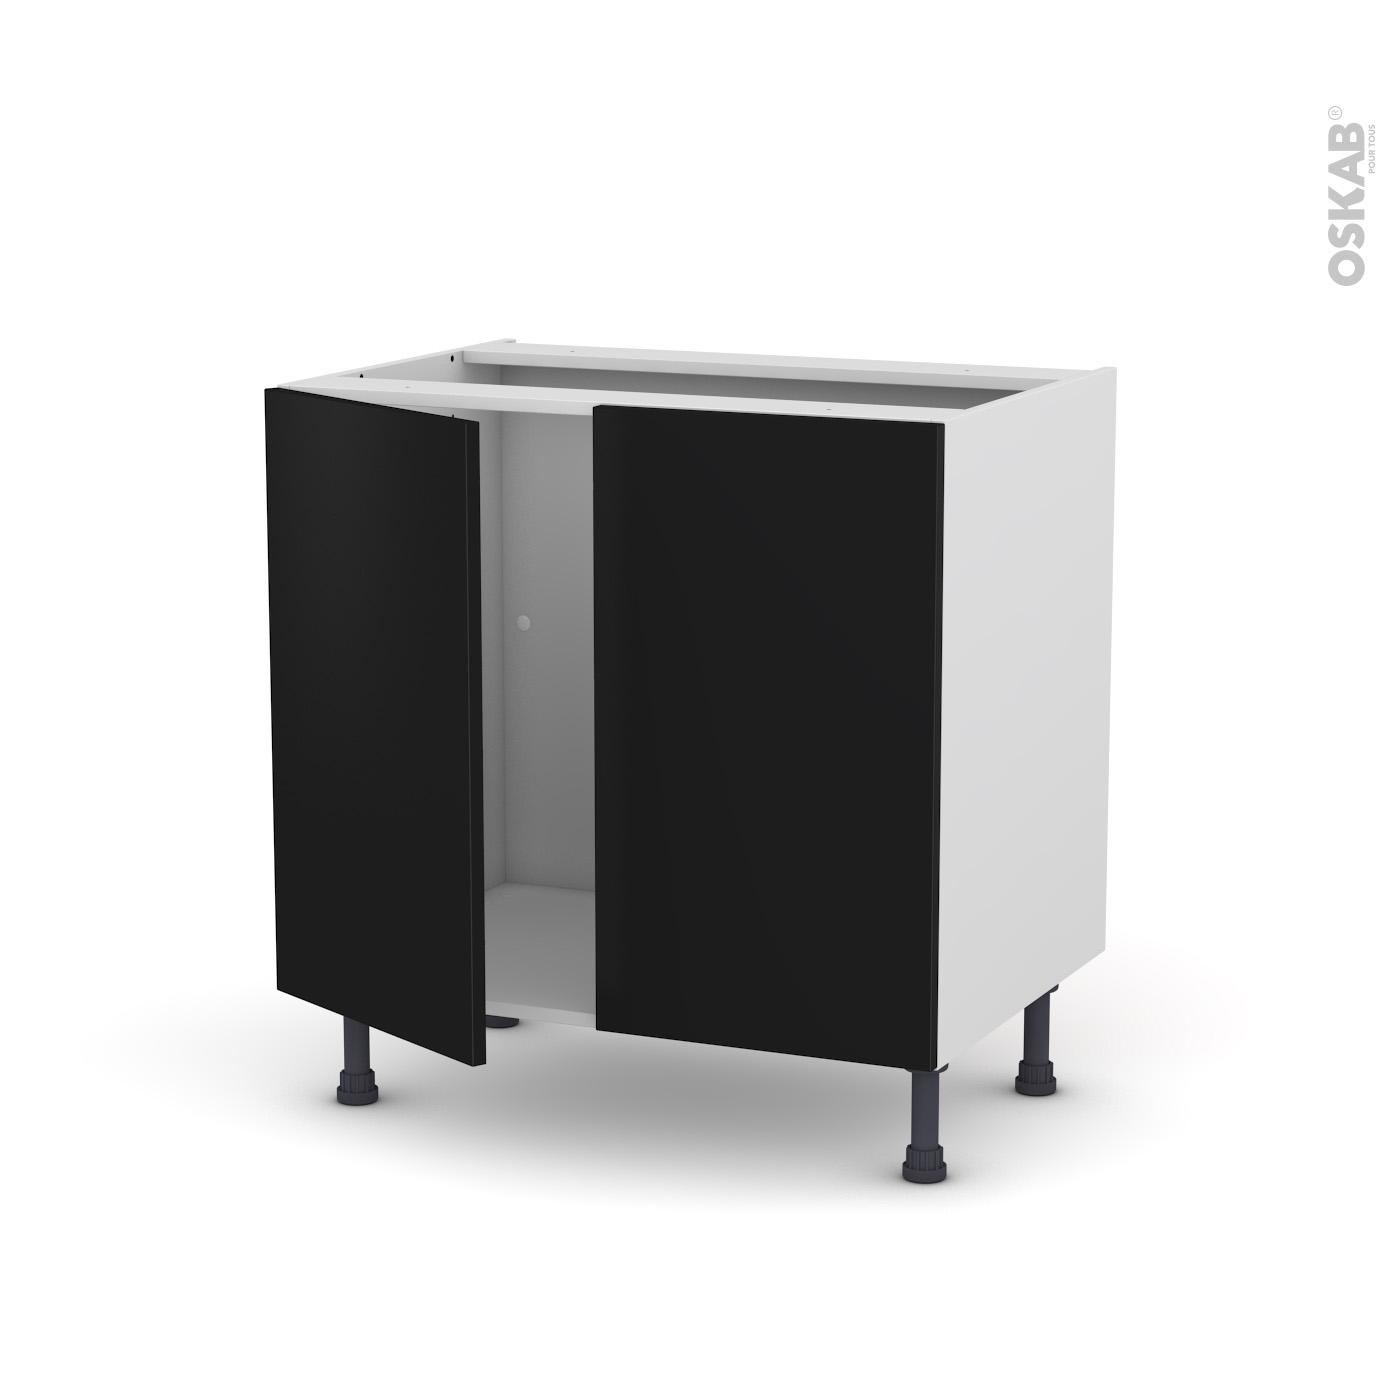 meuble de cuisine noir | urbantrott